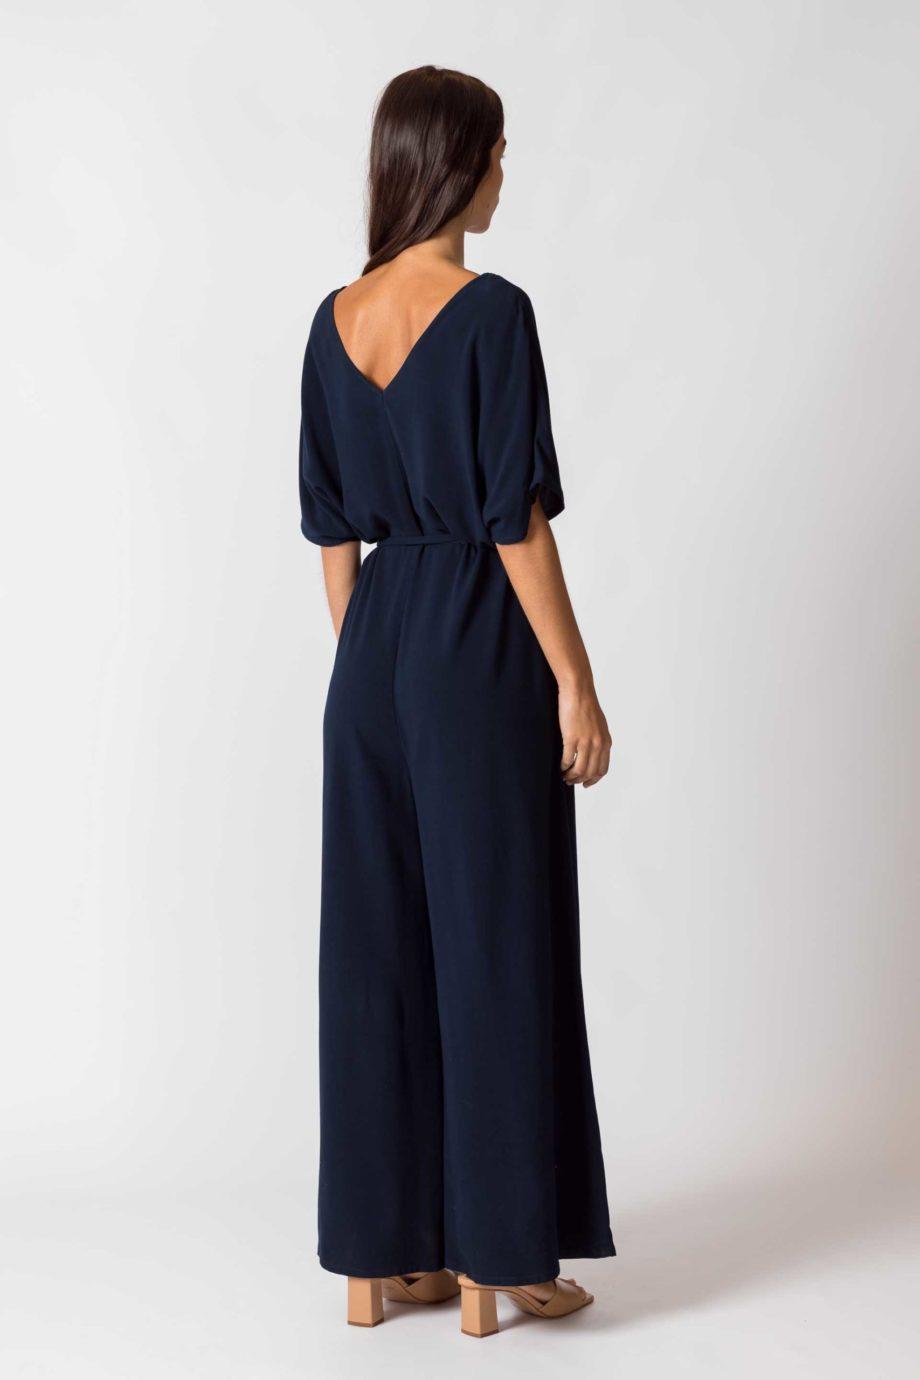 Frau trägt dunkelblauen Jumpsuit von SKFK (KARITATE) aus recycelter Viskose mit kurzen Ärmeln, V-Ausschnitt vorn und hinten und seitlichen Eingriffstaschen. Nobel und bequem - der weite Schnitt mit abnehmbarem Bindegürtel. / Rückenansicht / Color B8 / pussyGALORE / Leipzig